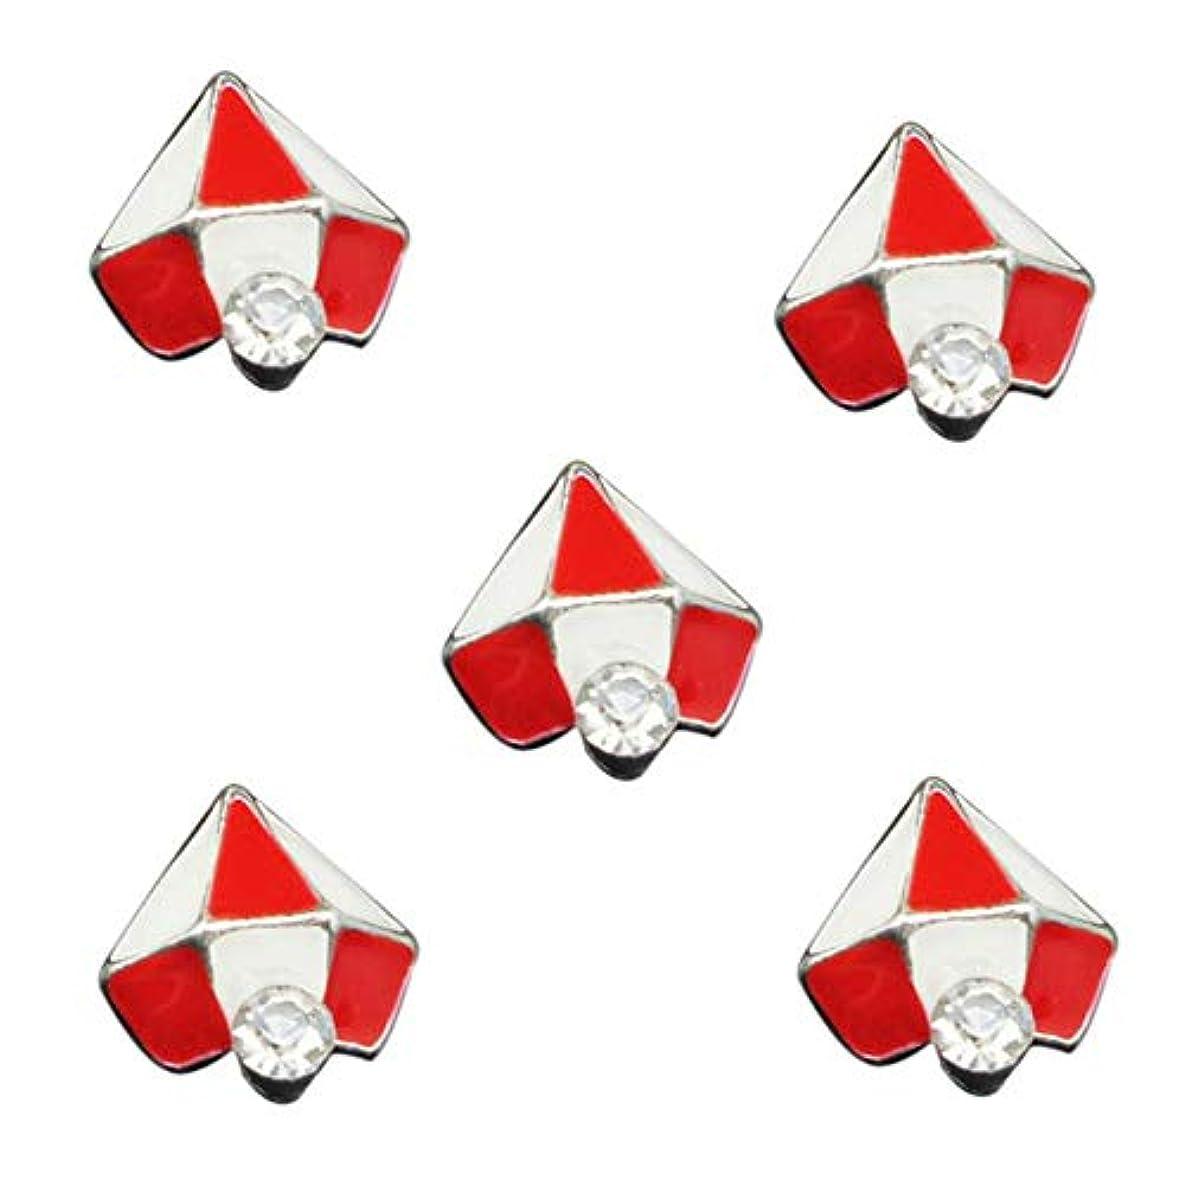 裁量価値のない日付付き10PCSの3Dグリッタージュエリーレッドダイヤモンドデザインネイルアートジェルステッカーの接着剤のラインストーンネイルマニキュアスタイリングツールのために